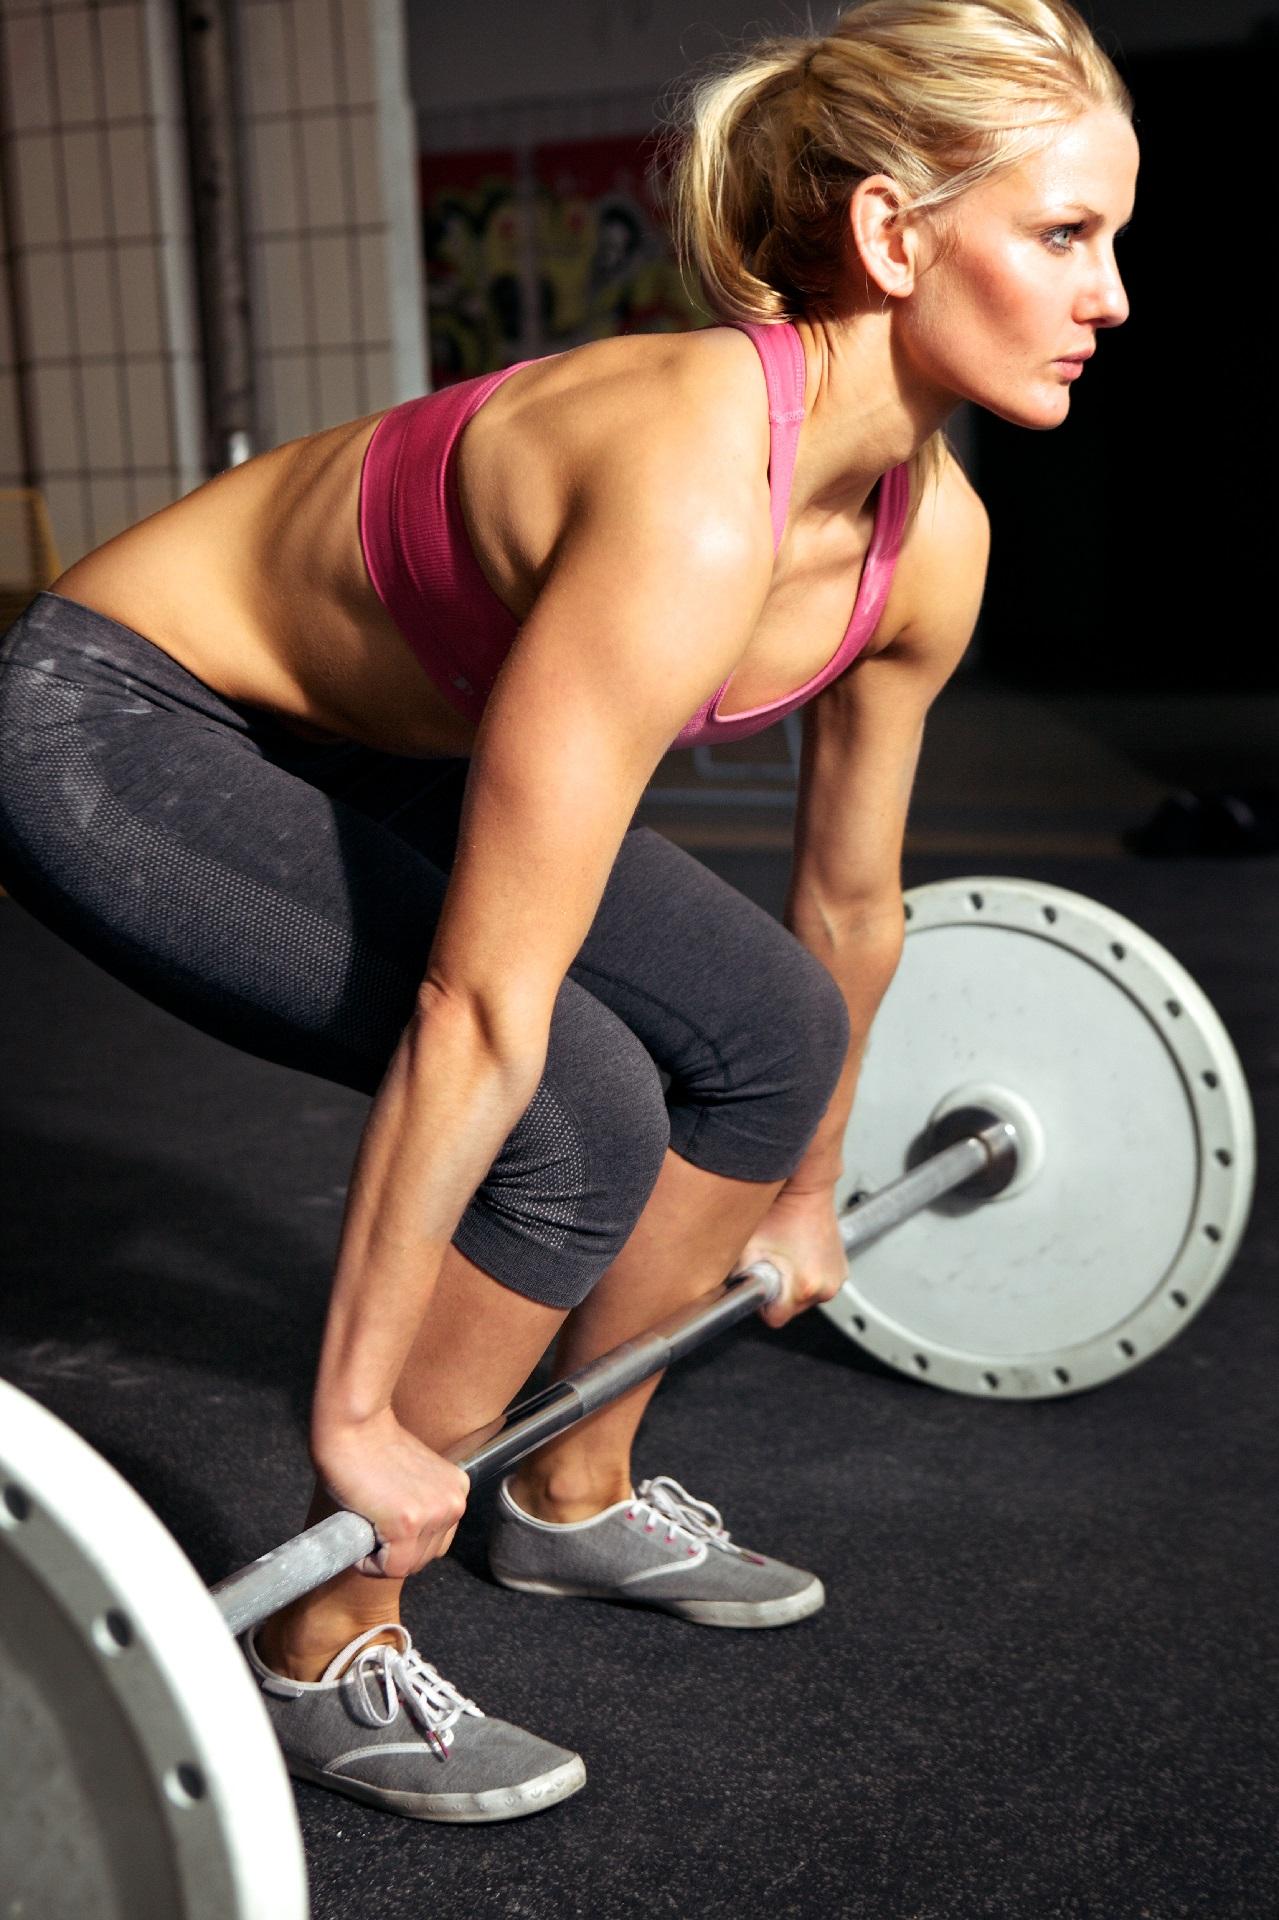 Чем отличаются виды силового спорта, Чем лучше заниматься пауэрлифтингом или бодибилдингом.